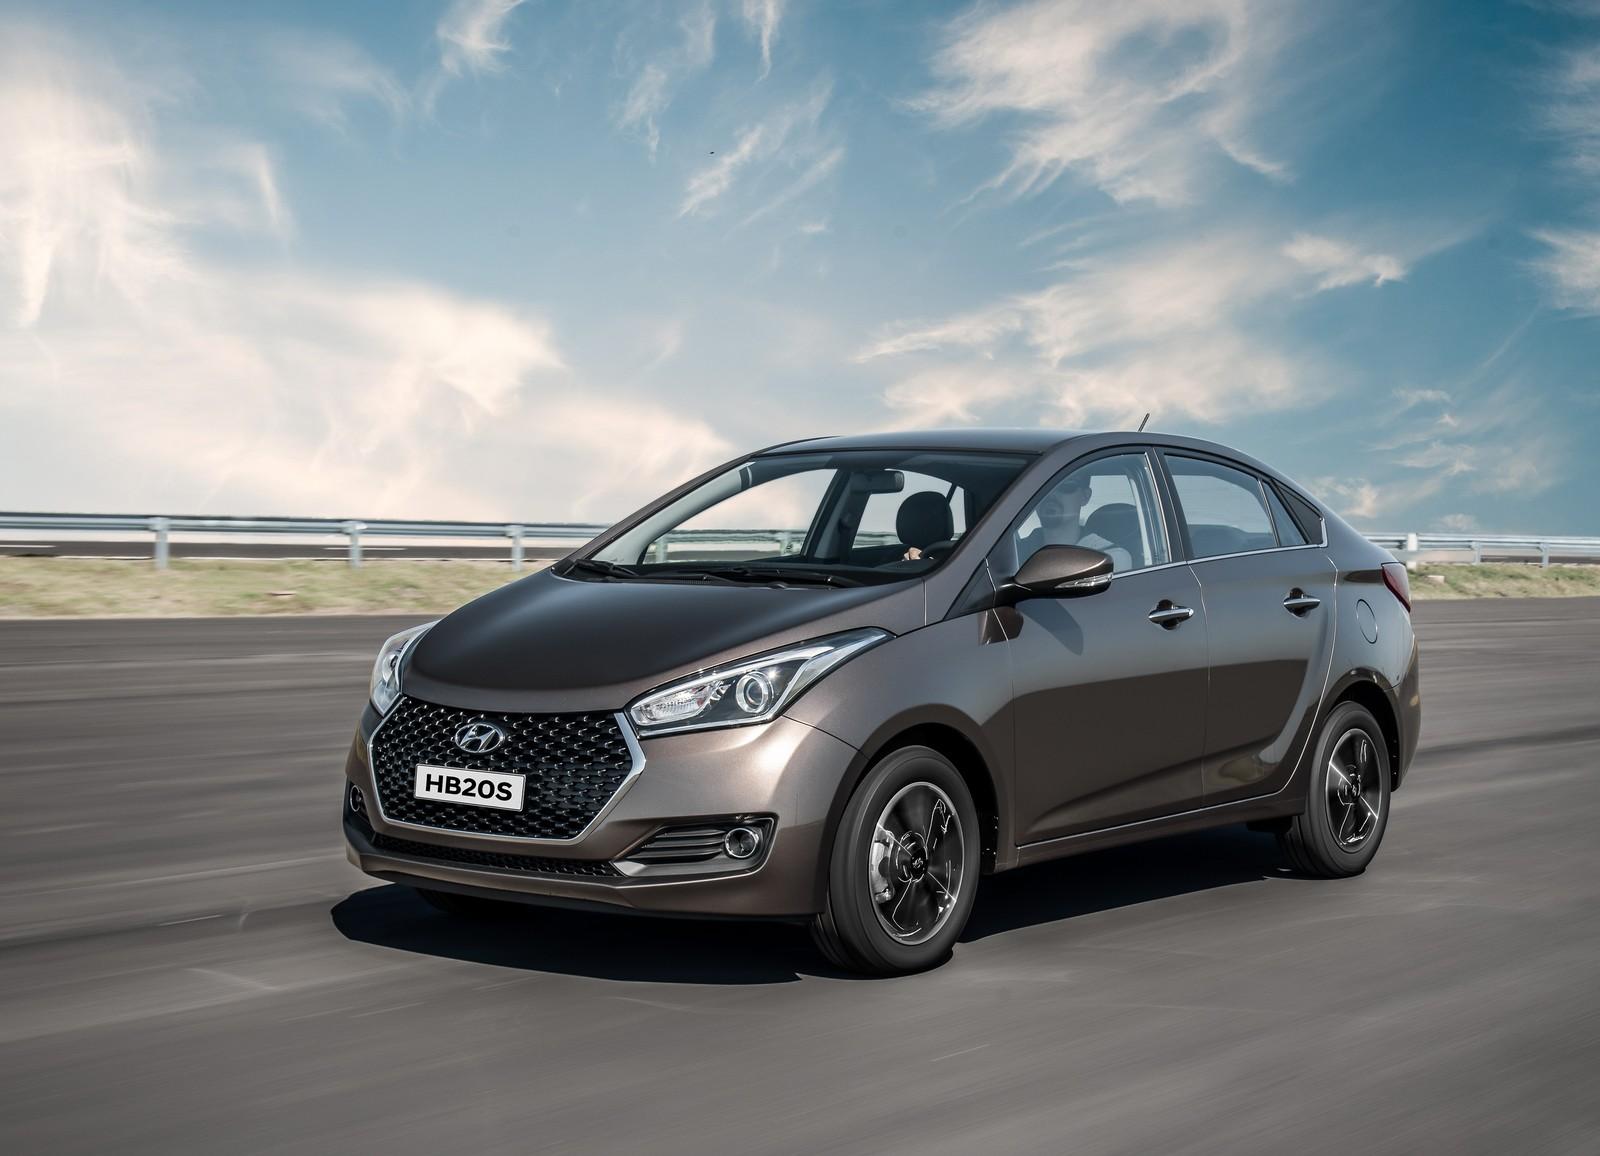 Melhores carros para uber: Hyundai HB20S